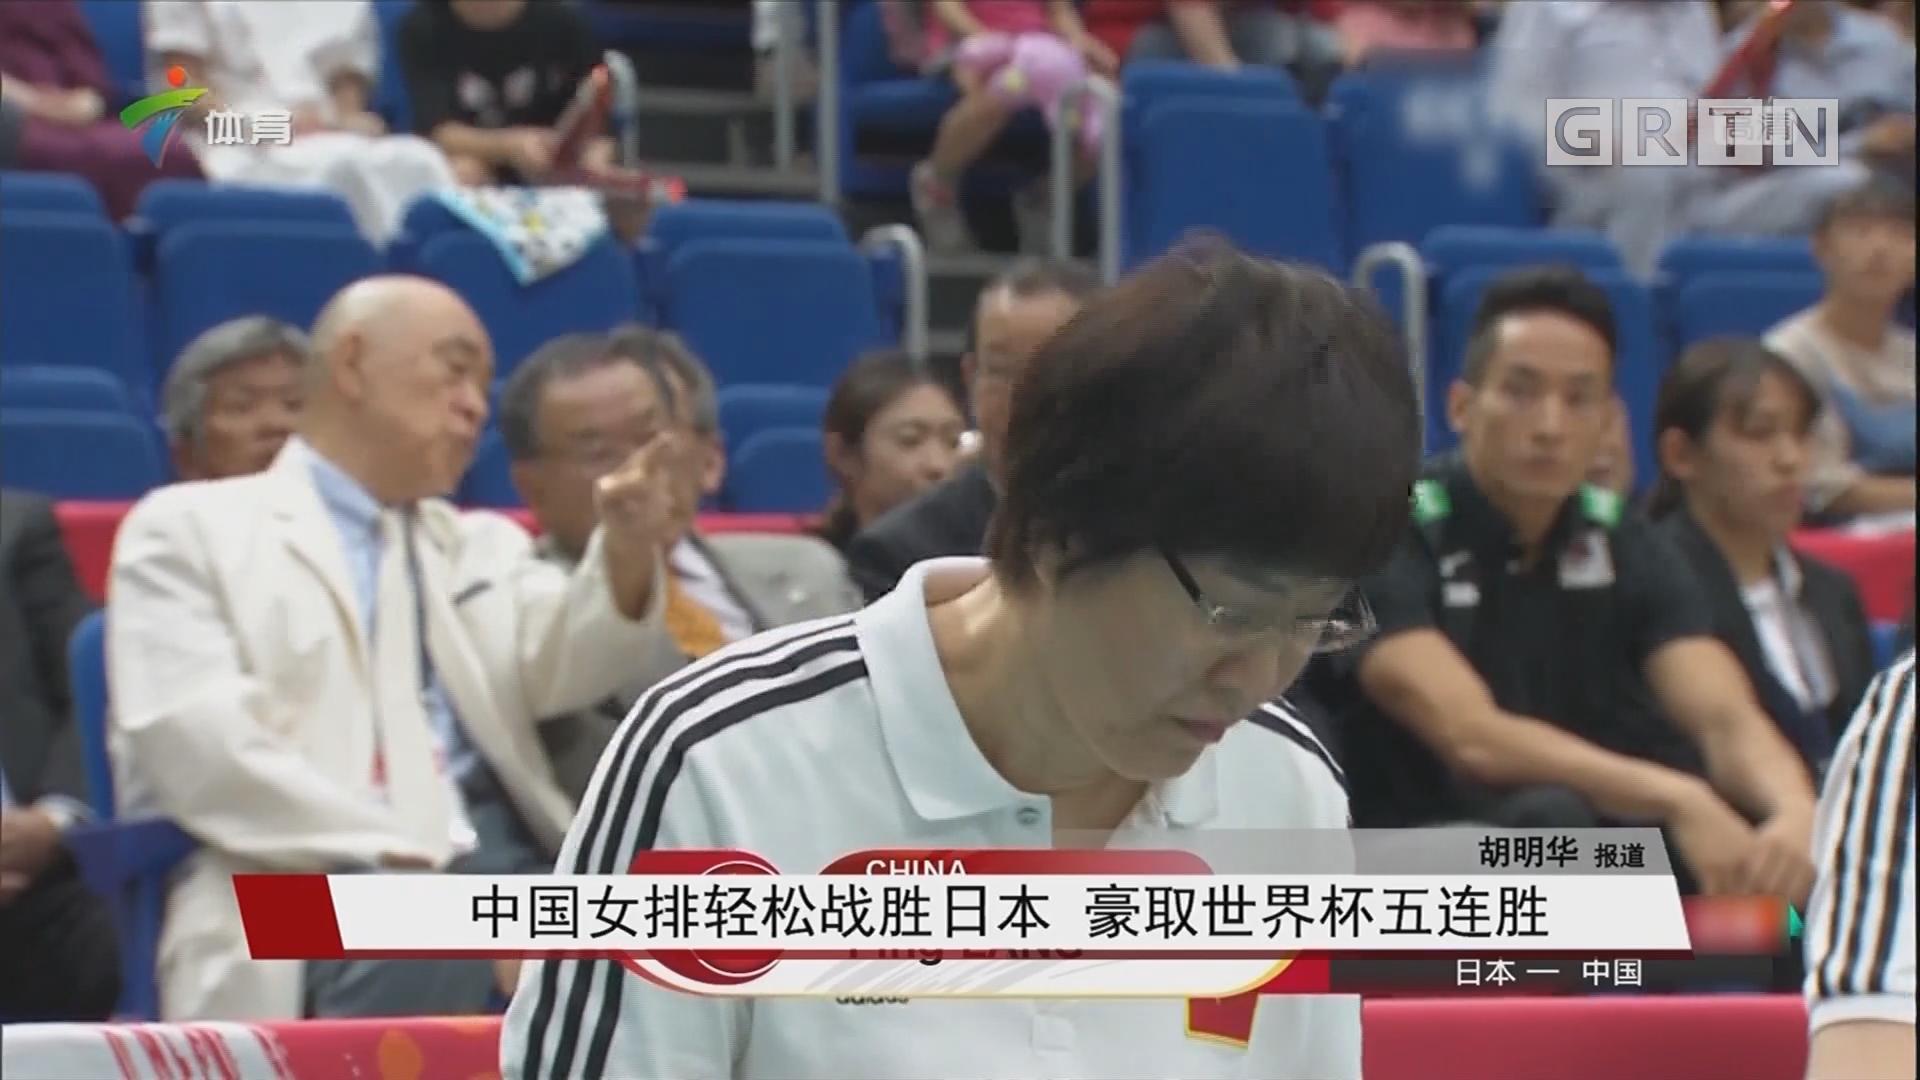 中国女排轻松战胜日本 豪取世界杯五连胜